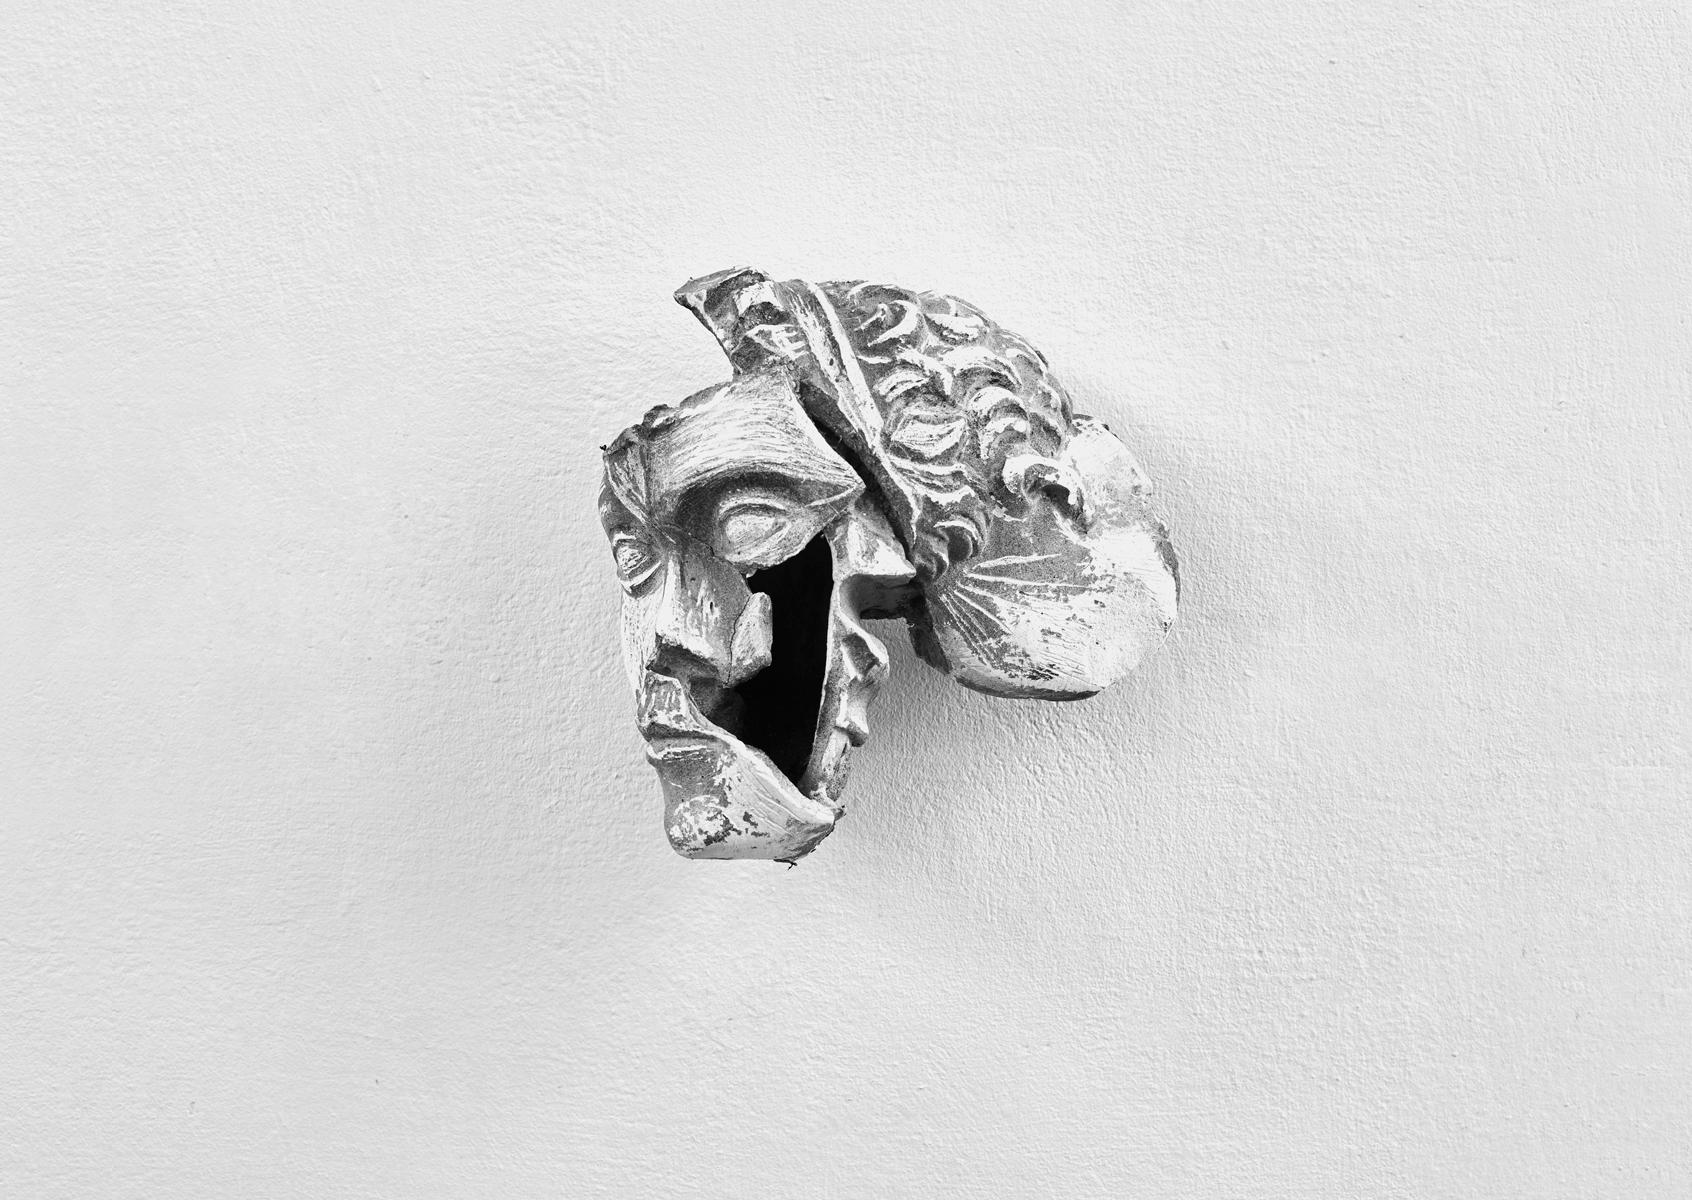 ACRUS PURUS / Rupture / 2016 / 28 x 31 x 18 cm / plaster